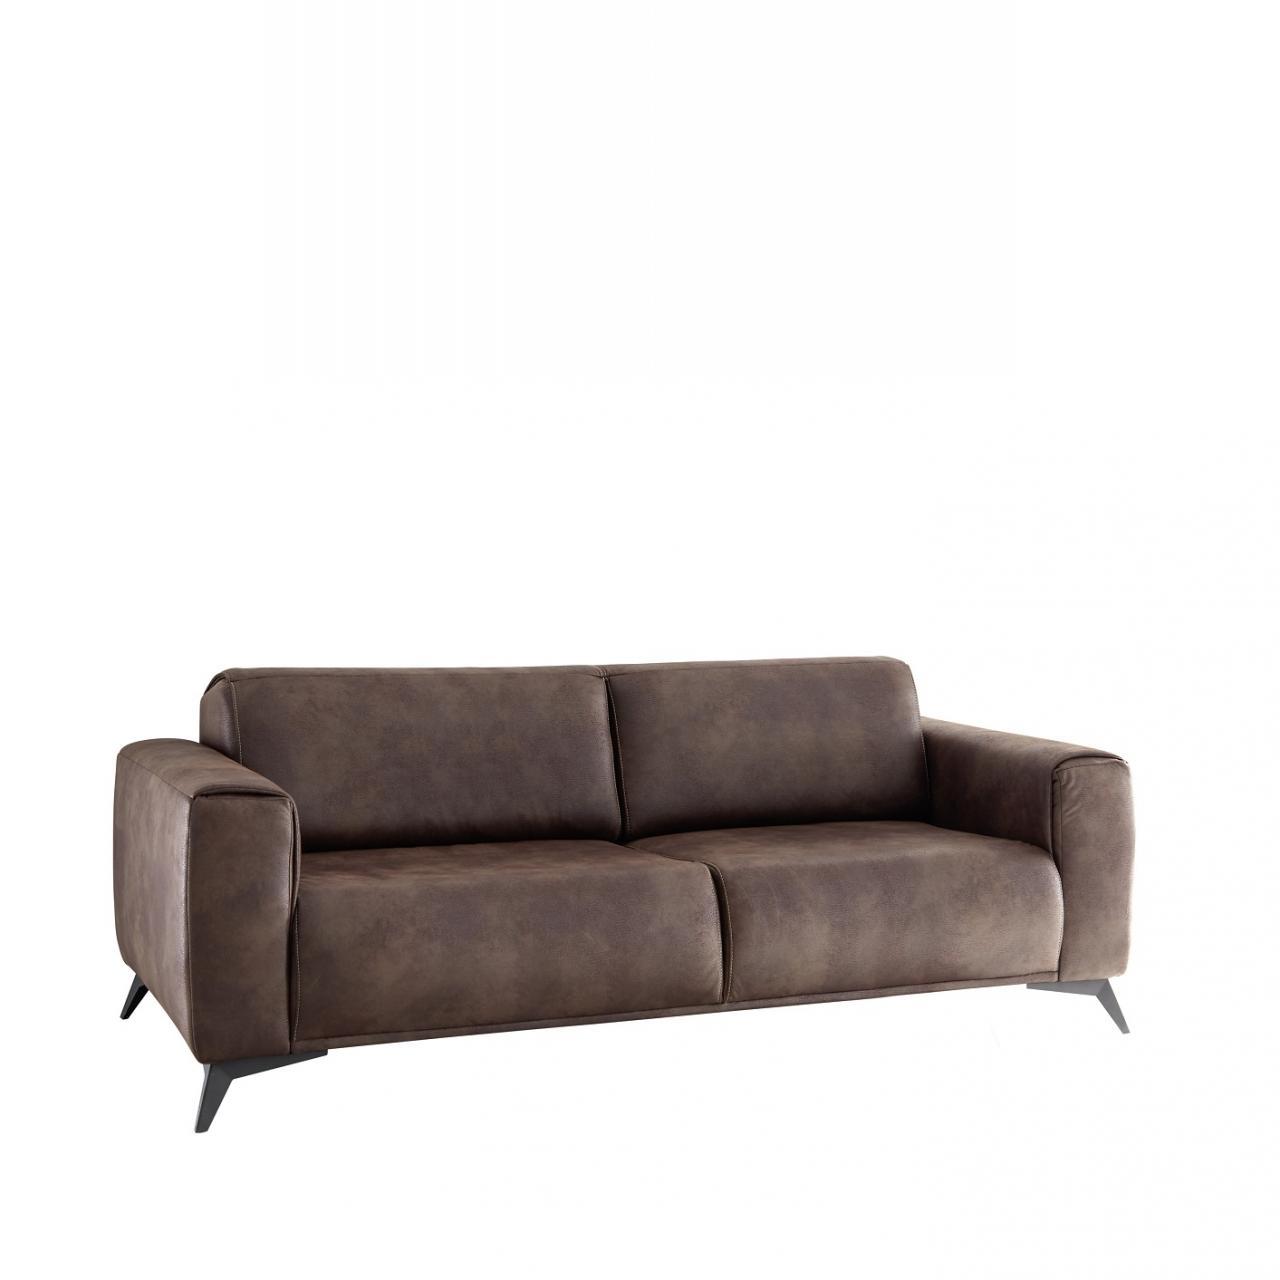 3er Sofa Pueblo Stoff 3-Sitzer Polstermöbel Maron Metall Polstergarnitur